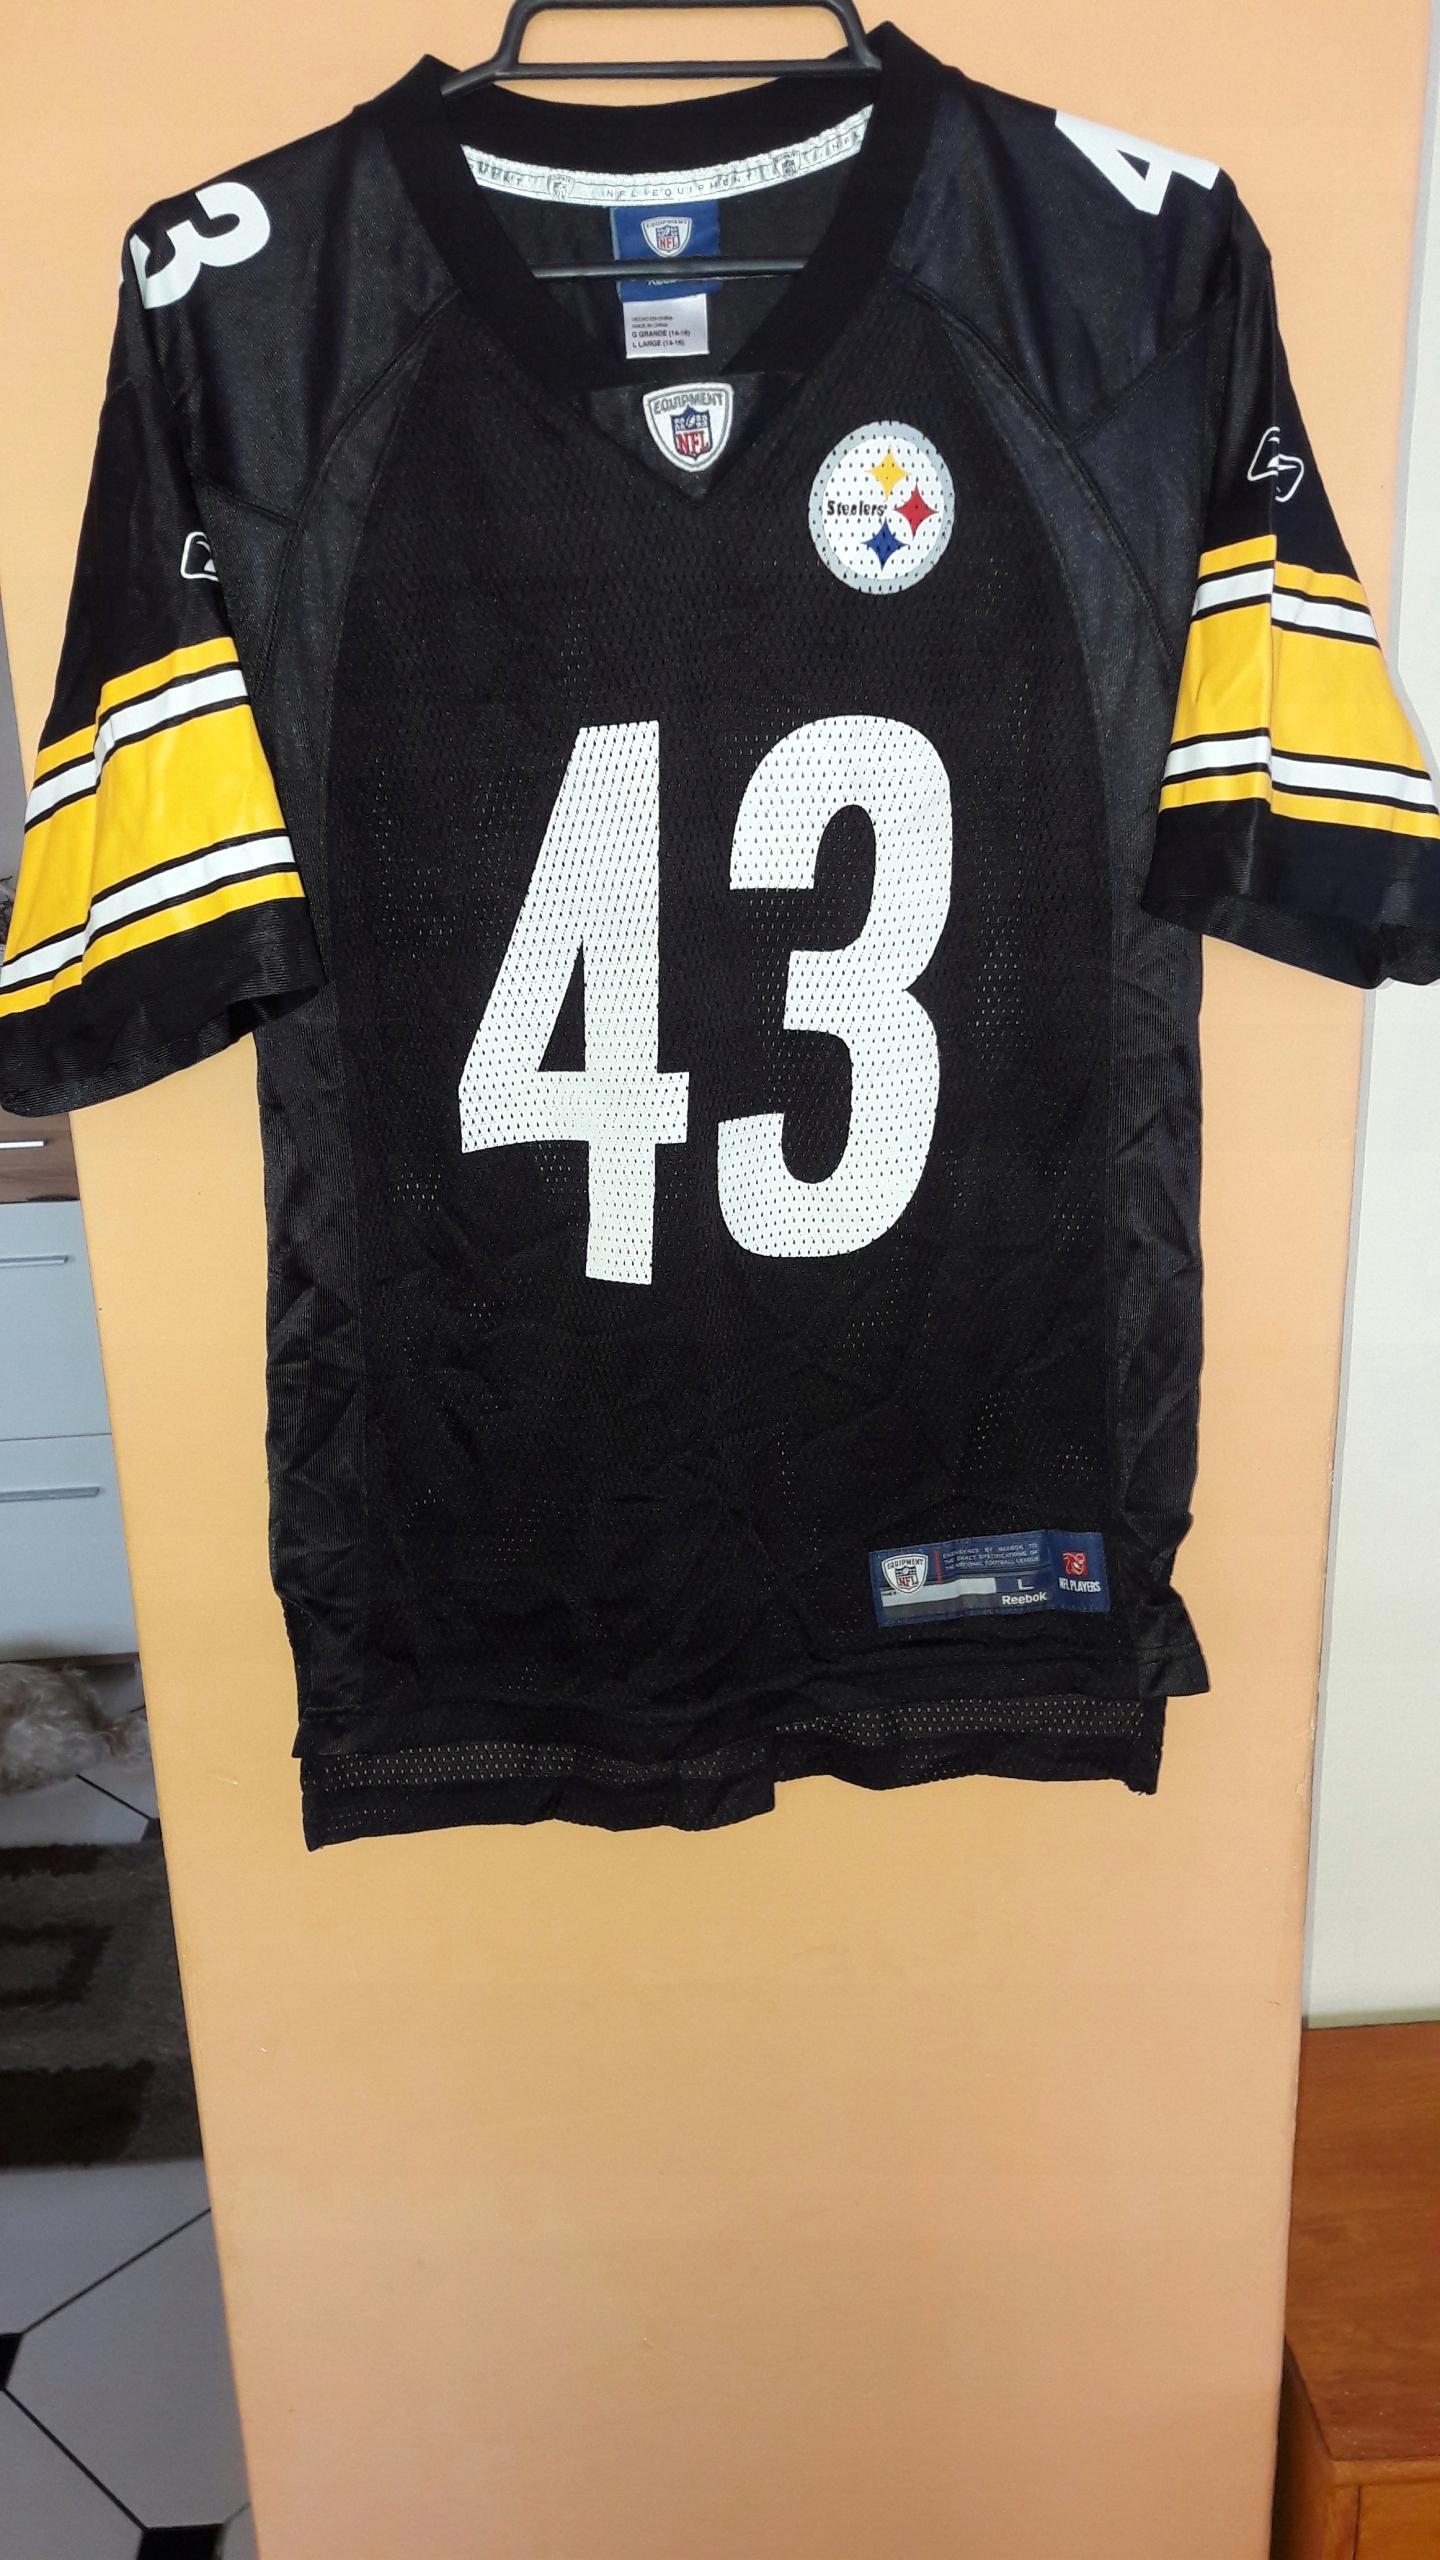 rozmiar 7 słodkie tanie super tanie Koszulka NFL Reebok Steeleres - 7603675623 - oficjalne ...